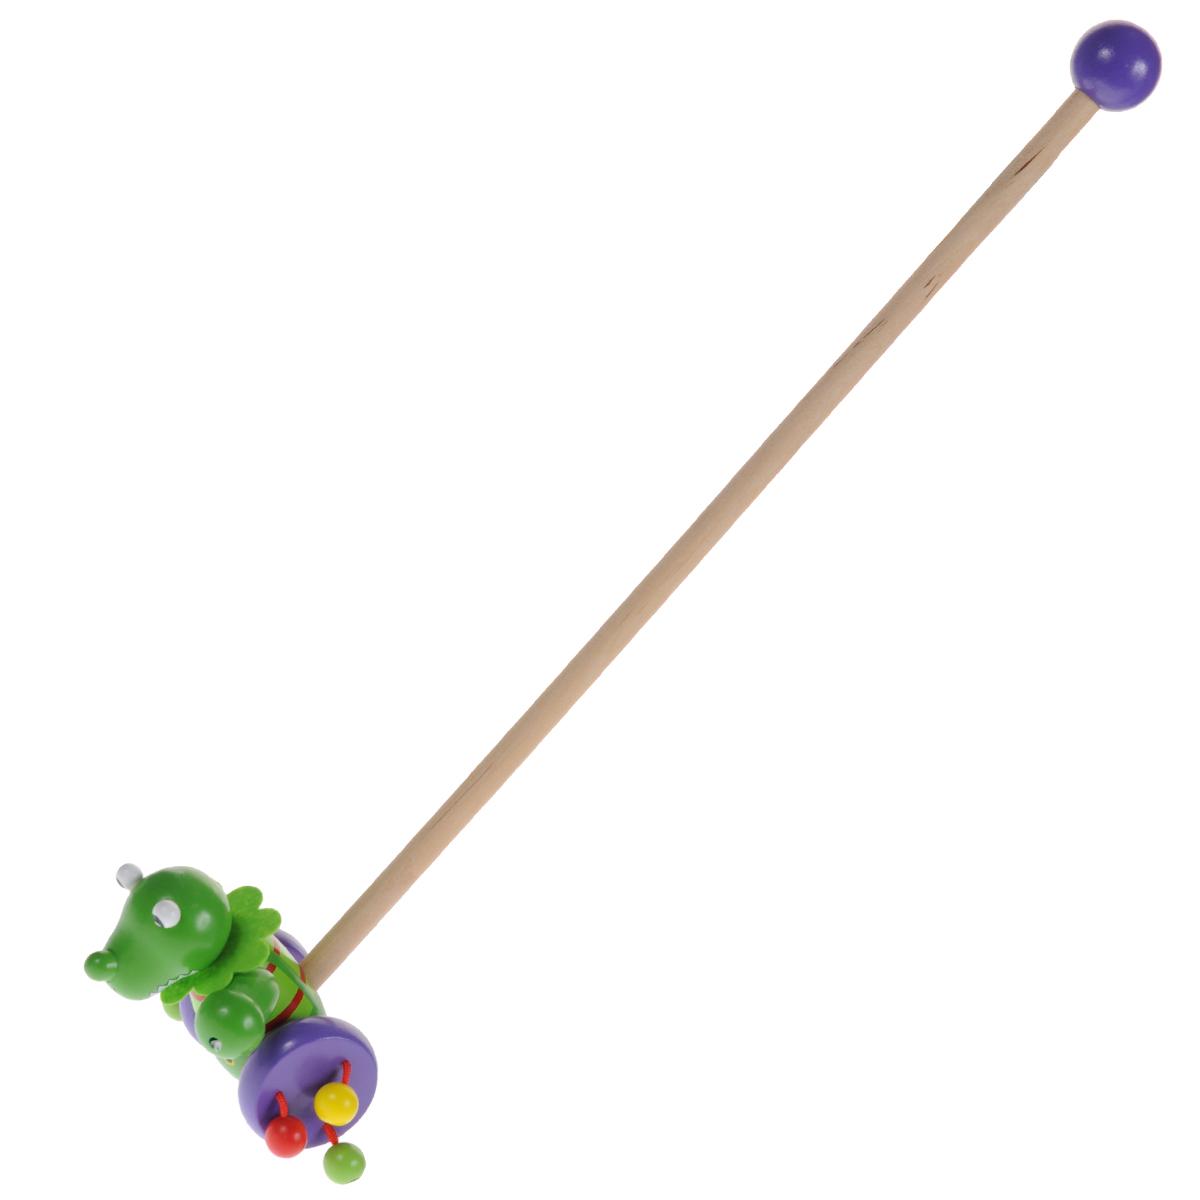 Mapacha Деревянная игрушка-каталка Динозаврик76424Яркая игрушка-каталка Mapacha Динозаврик непременно понравится вашему малышу и подойдет для игры как дома, так и на свежем воздухе. Яркая игрушка выполнена из дерева в виде динозаврика на колесиках. Головка динозаврика подвижна, передние лапки прикреплены к туловищу эластичной резинкой. К колесикам игрушки с помощью текстильных шнурочков крепятся разноцветные деревянные шарики, которые гремят во время движения. Ручку-держатель можно открутить и играть только с игрушкой. В целях безопасности ручка дополнена круглым набалдашником. Игрушка-каталка Mapacha Динозаврик способствует физическому развитию малыша - помогает сделать первые шаги и освоить навыки ходьбы. Развивает координацию движений и способность ориентироваться в пространстве.